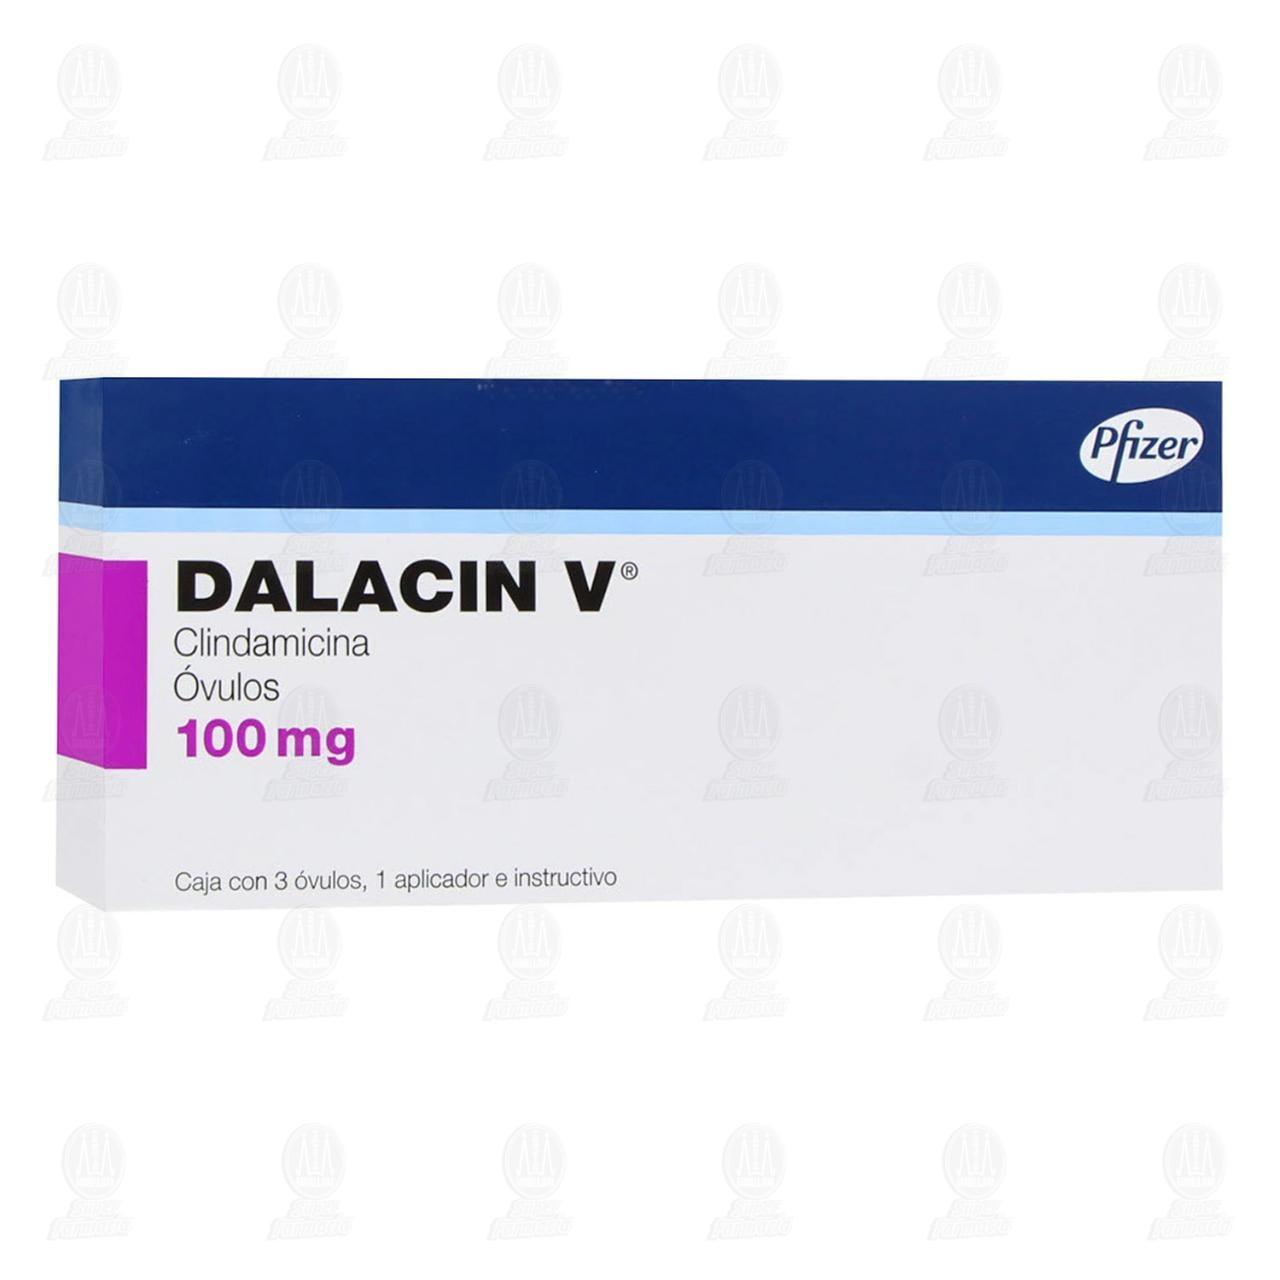 Comprar Dalacin V 100mg 3 Óvulos en Farmacias Guadalajara